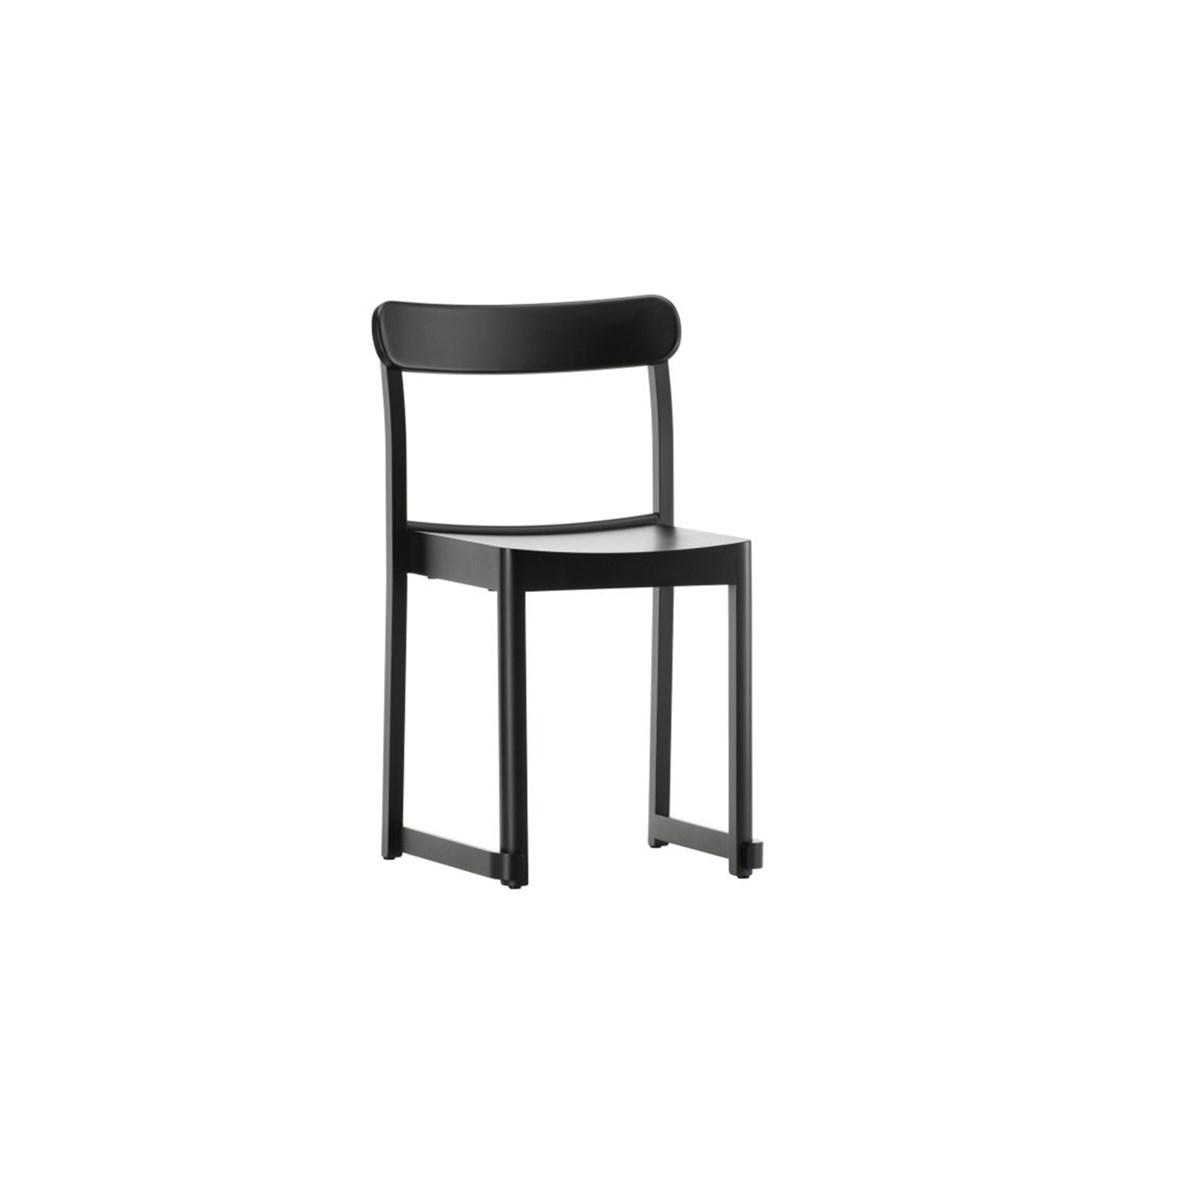 Atelier Chair Artek Black